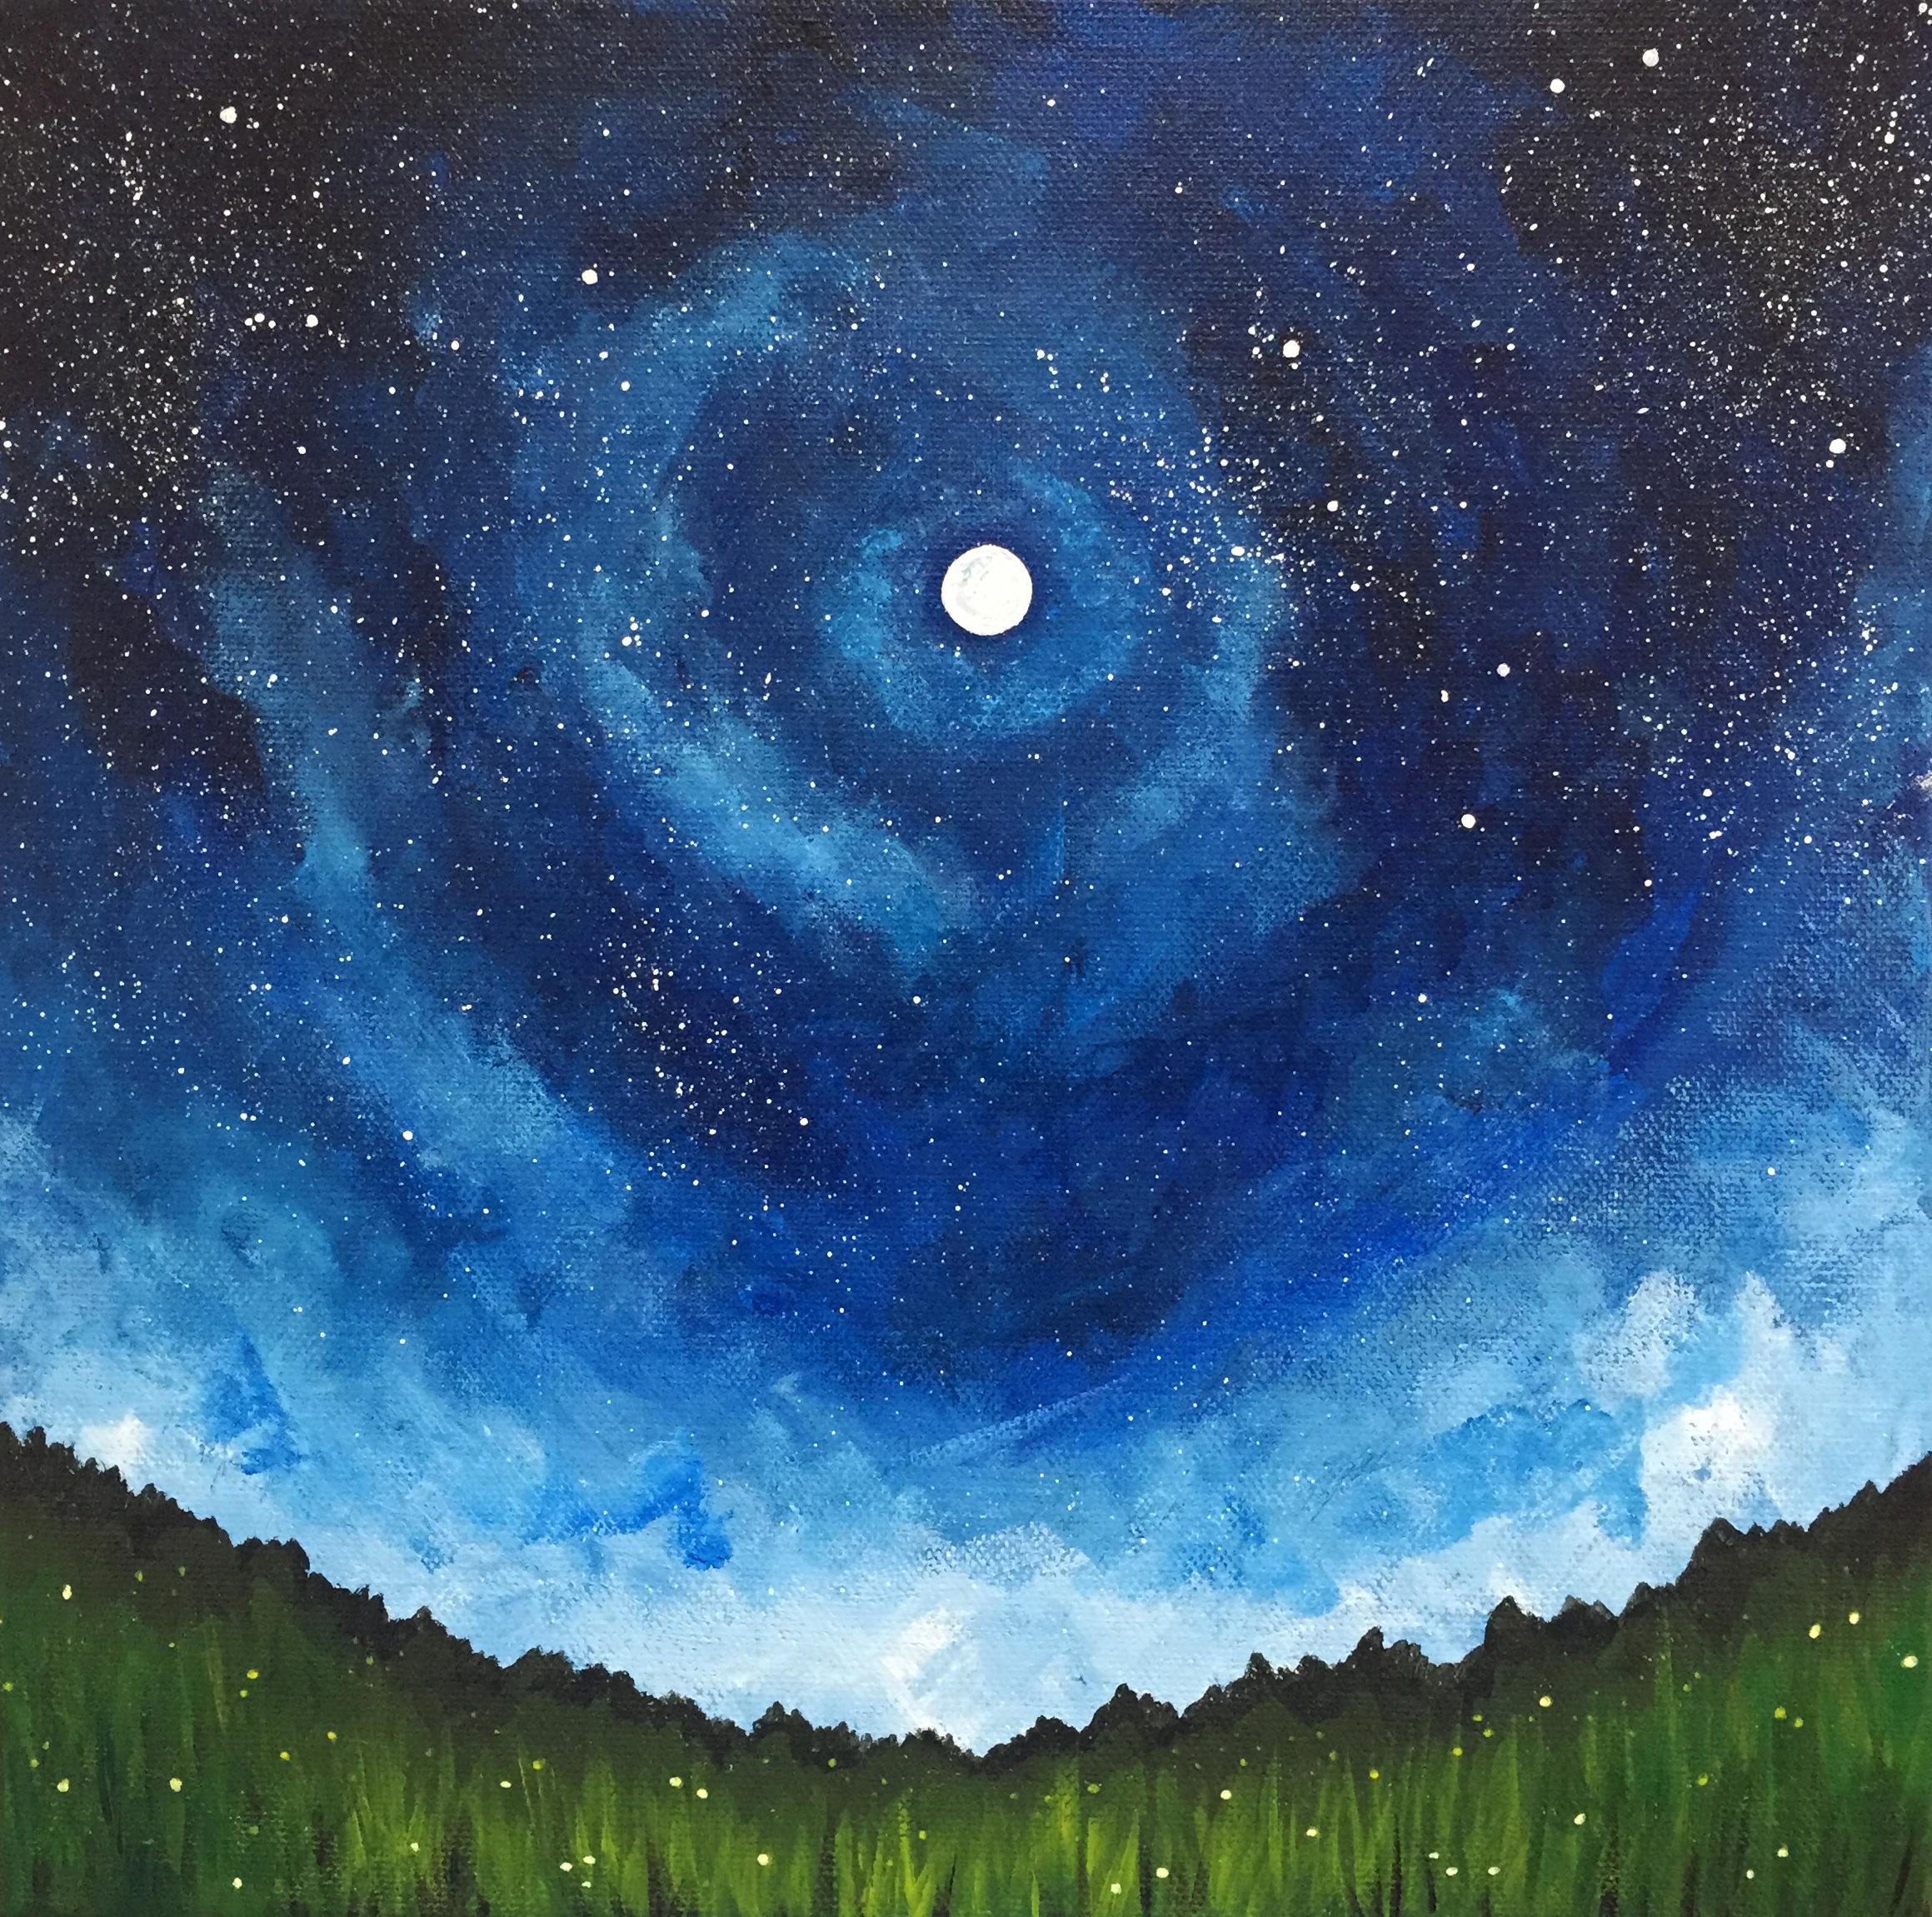 Starry Field